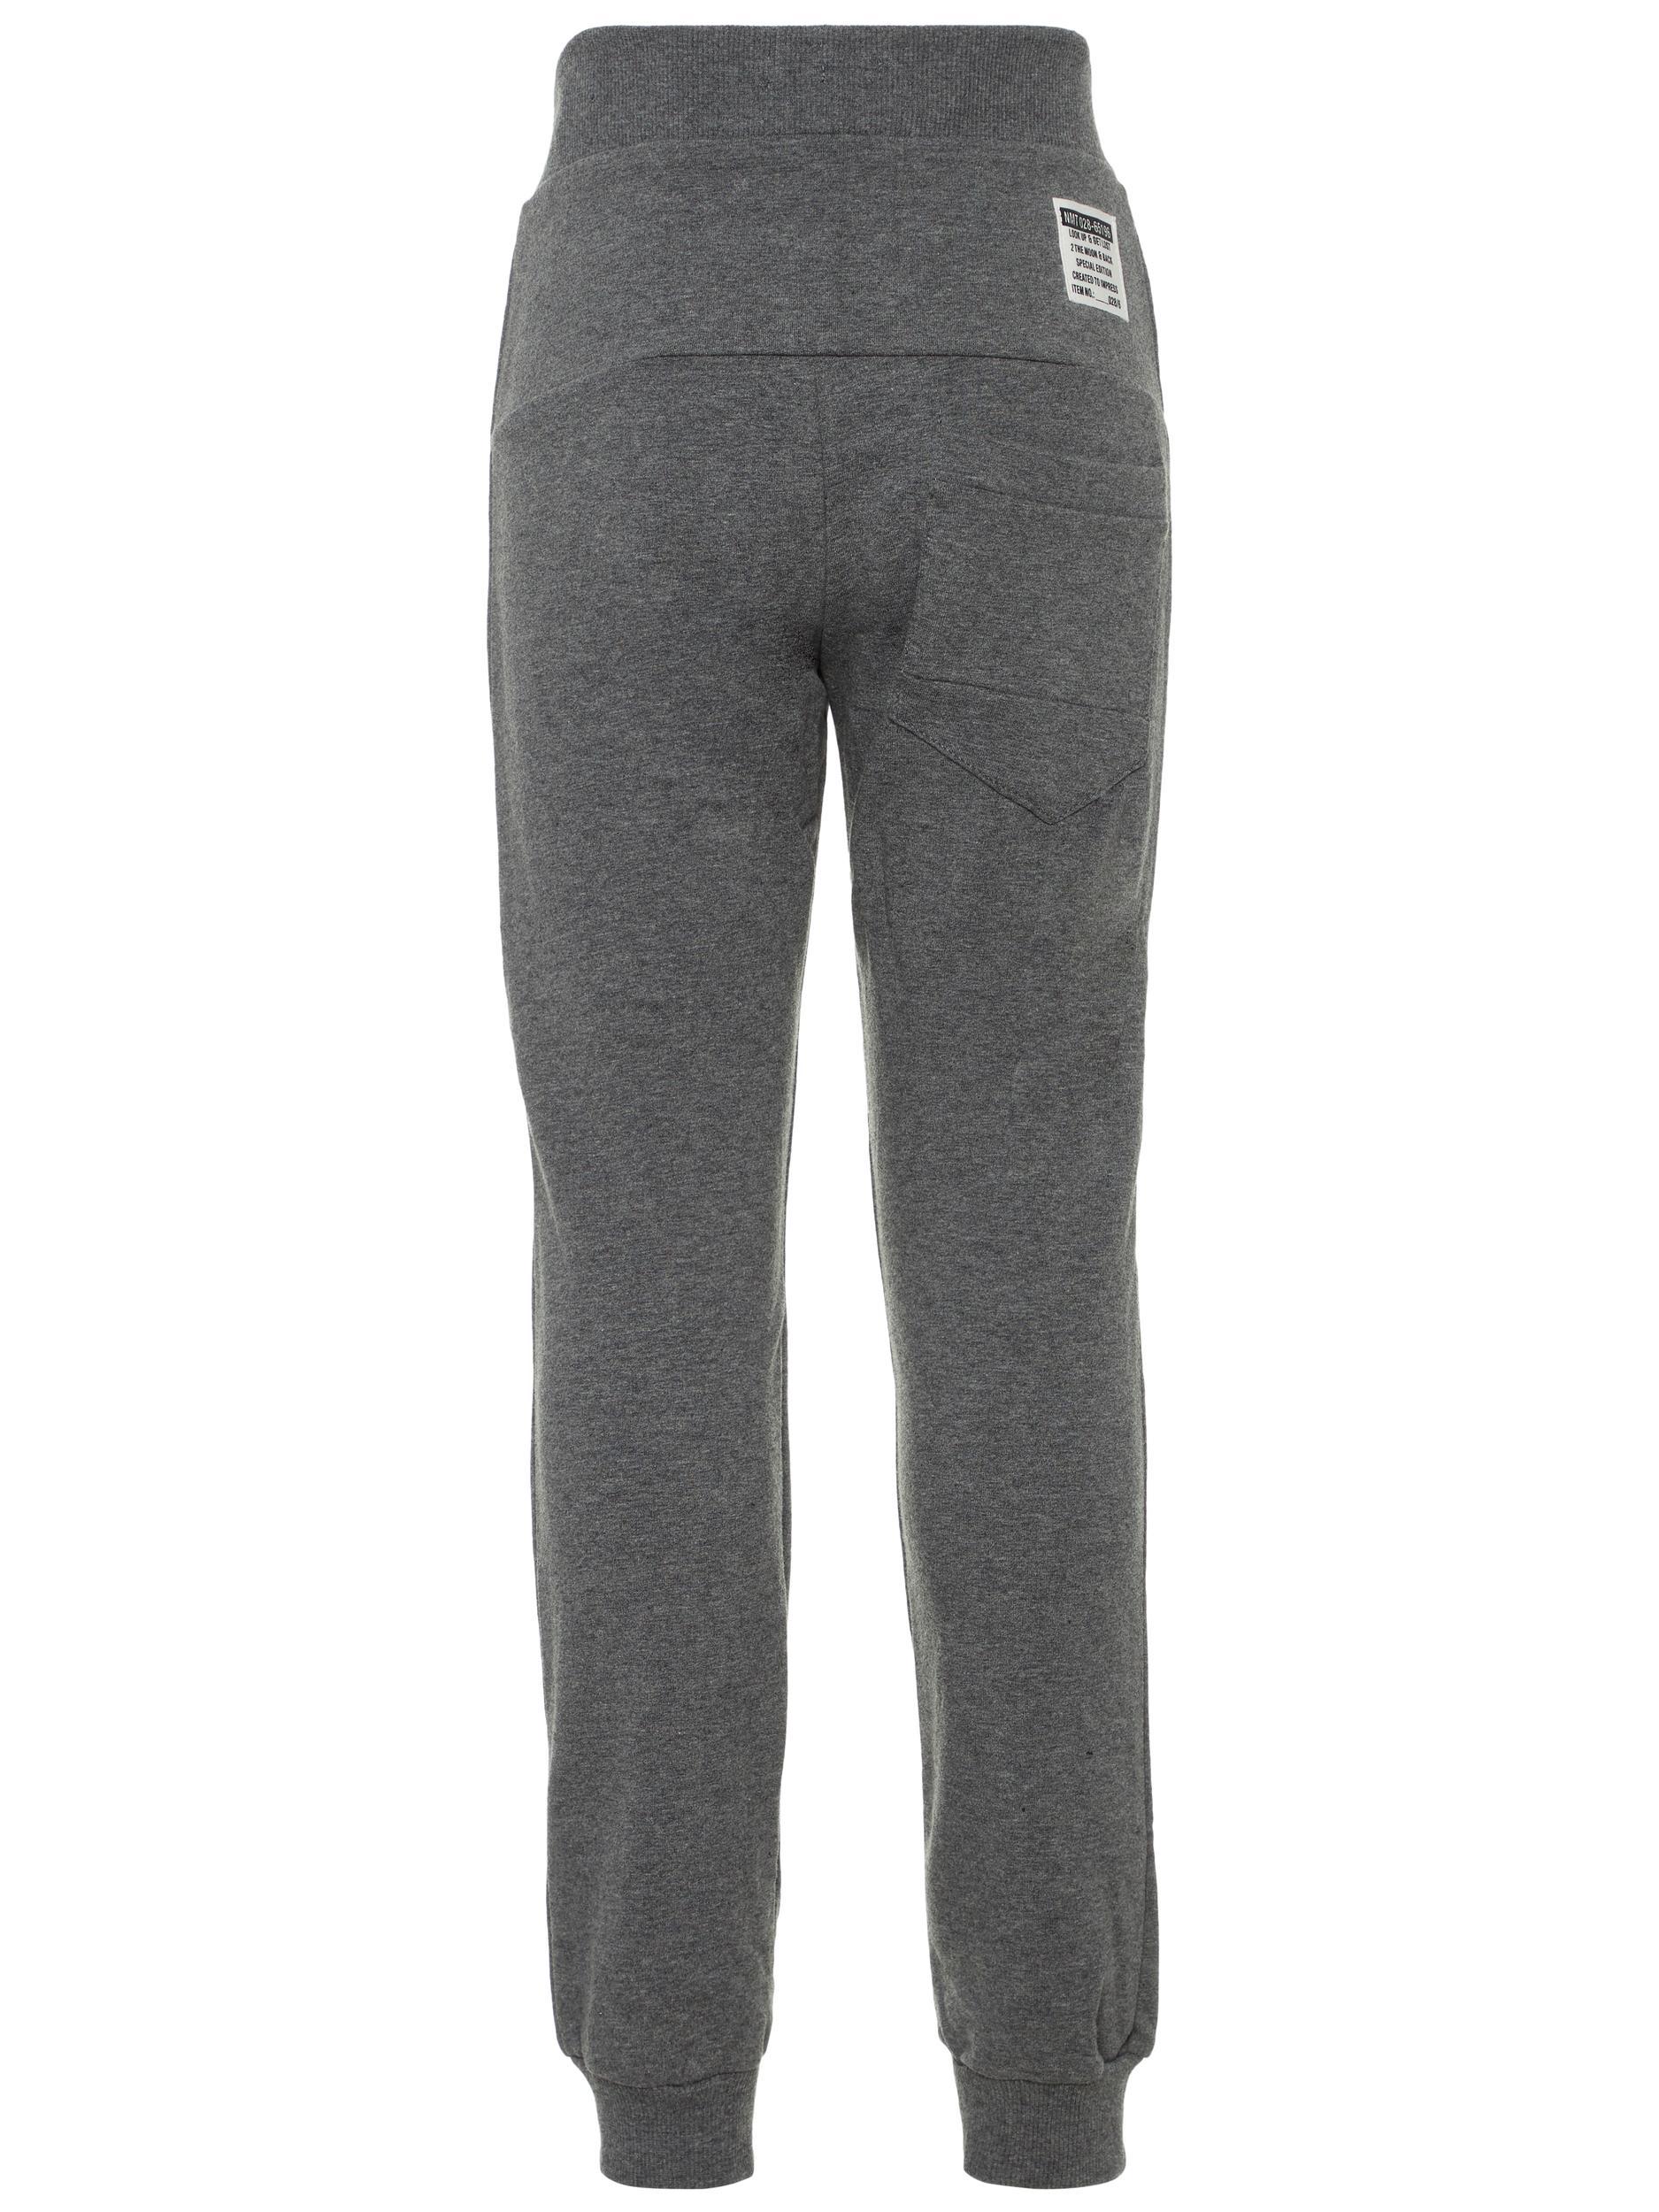 Name It Ensfarvede sweatpants, dark grey melange, 140